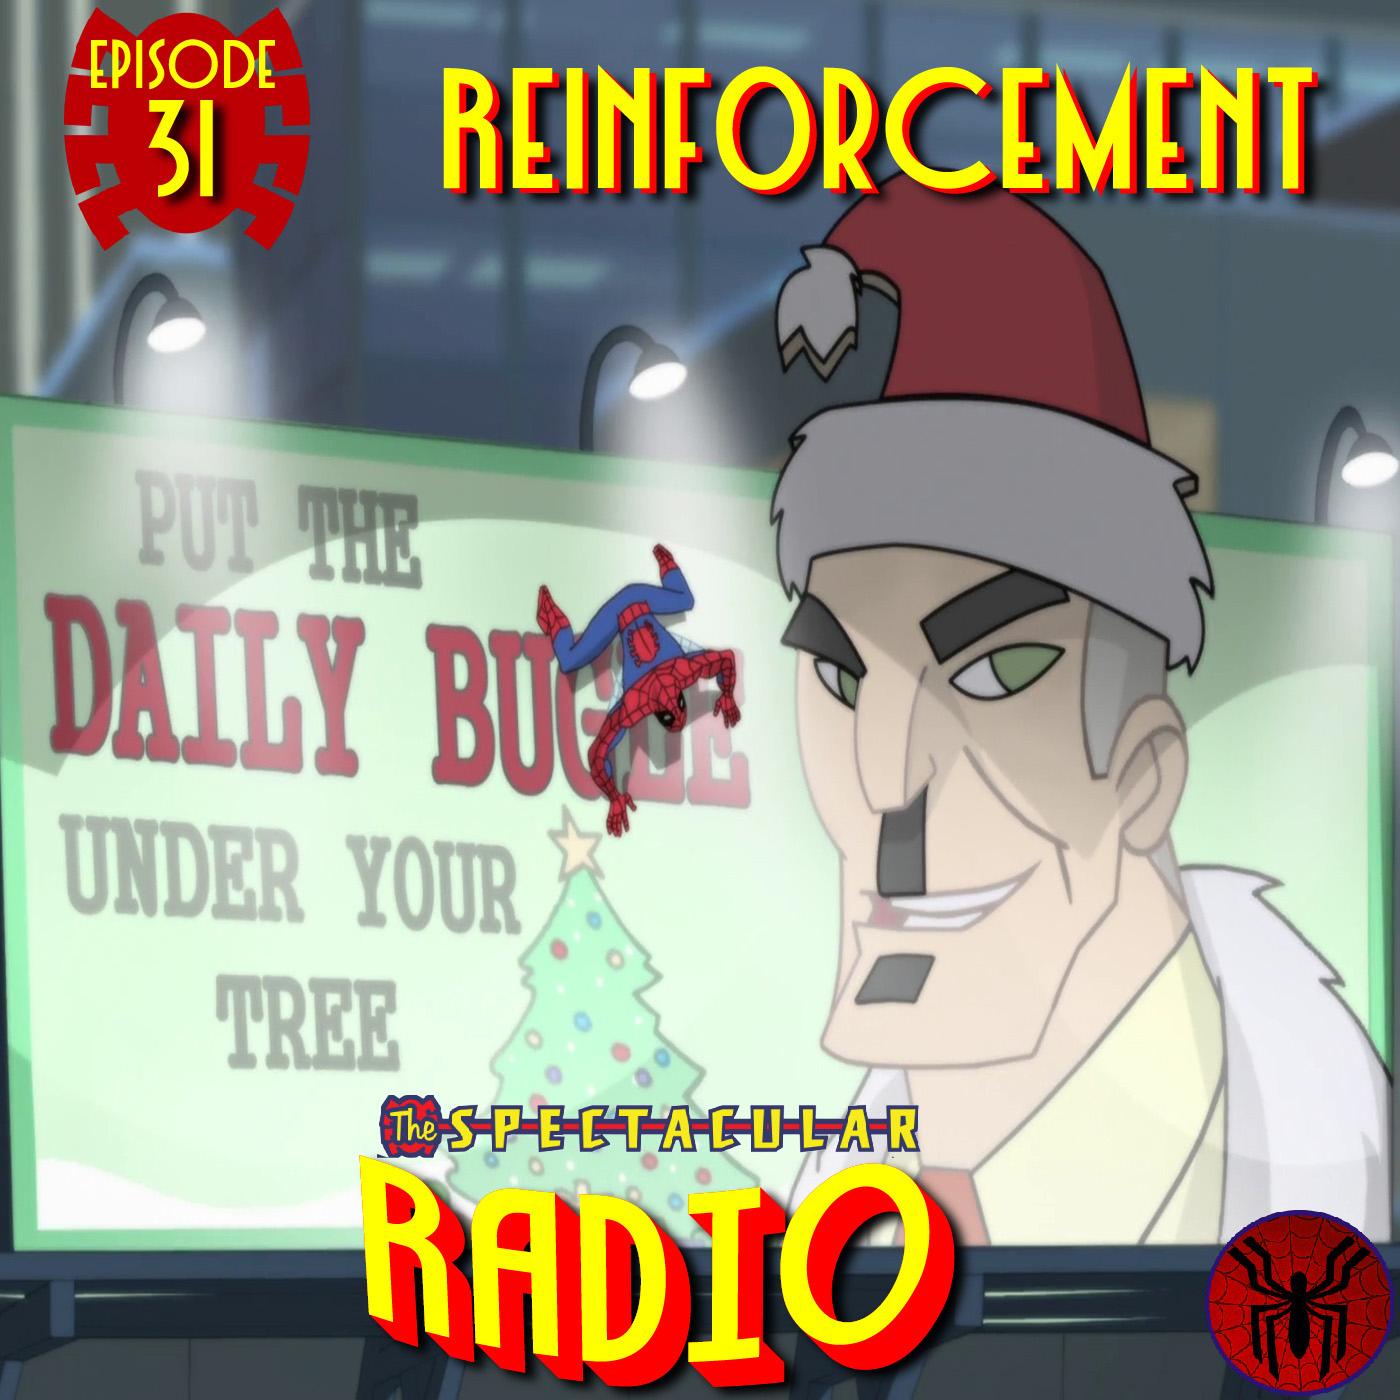 """Spectacular Radio Episode 31: """"Reinforcement"""" With Greg Weisman & Eric Vesbit"""